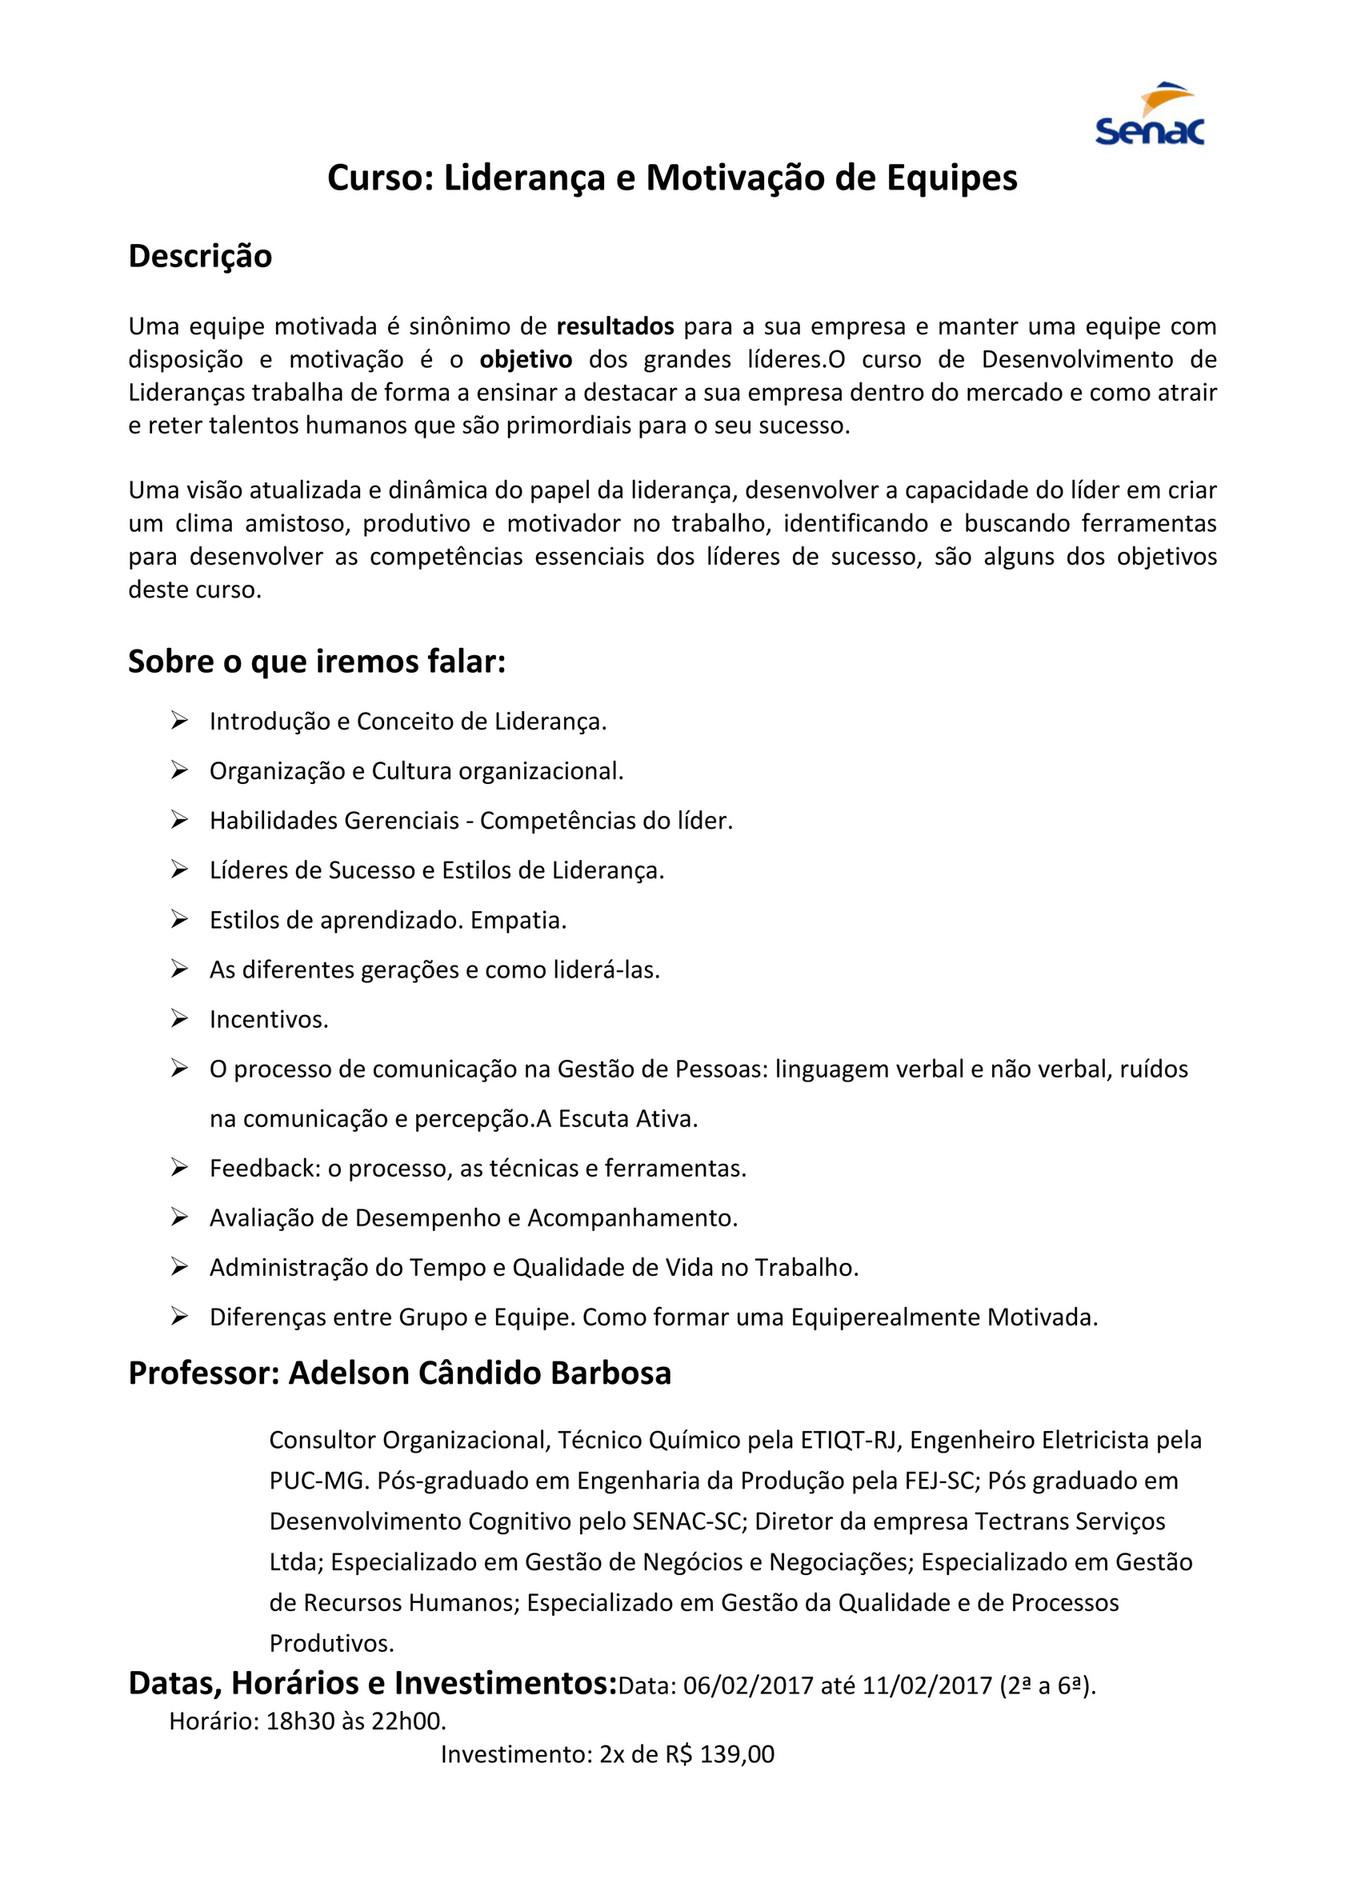 Senac Liderança E Motivação De Equipes Page 1 Created